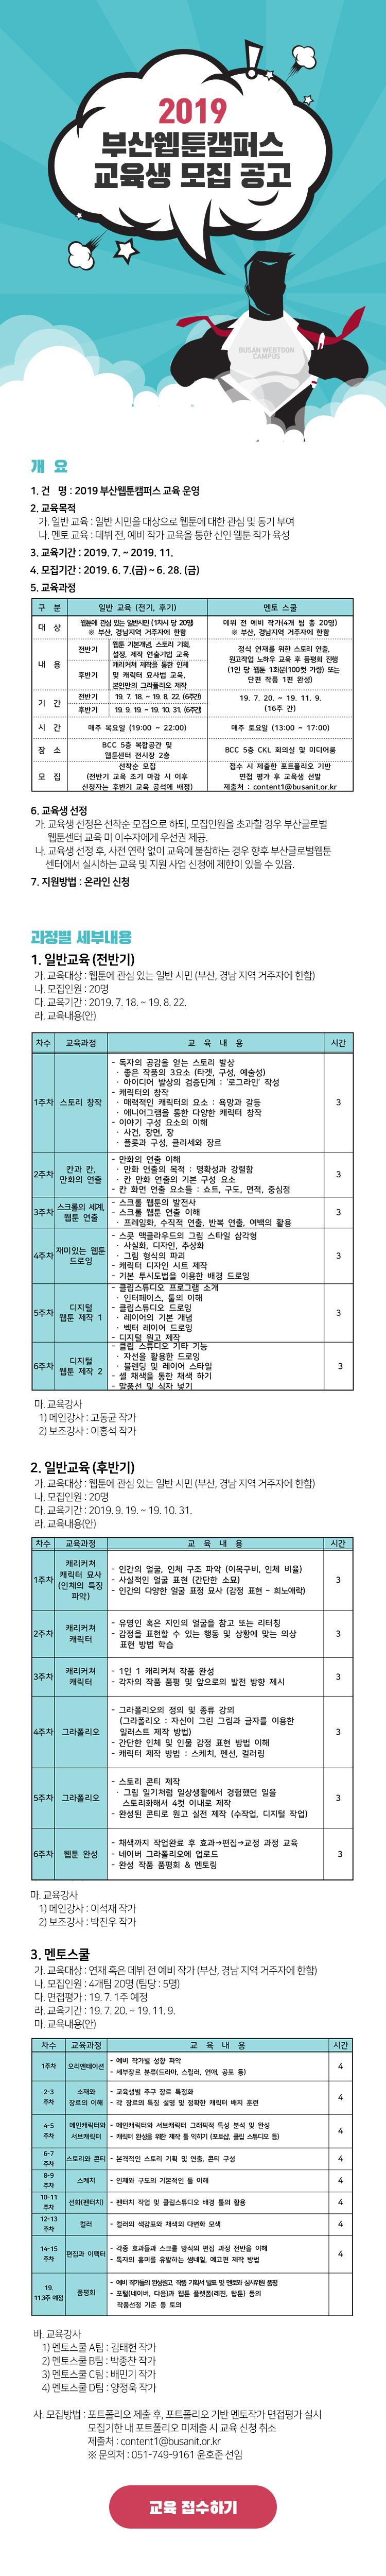 2019 부산웹툰캠퍼스 교육생 모집 공고